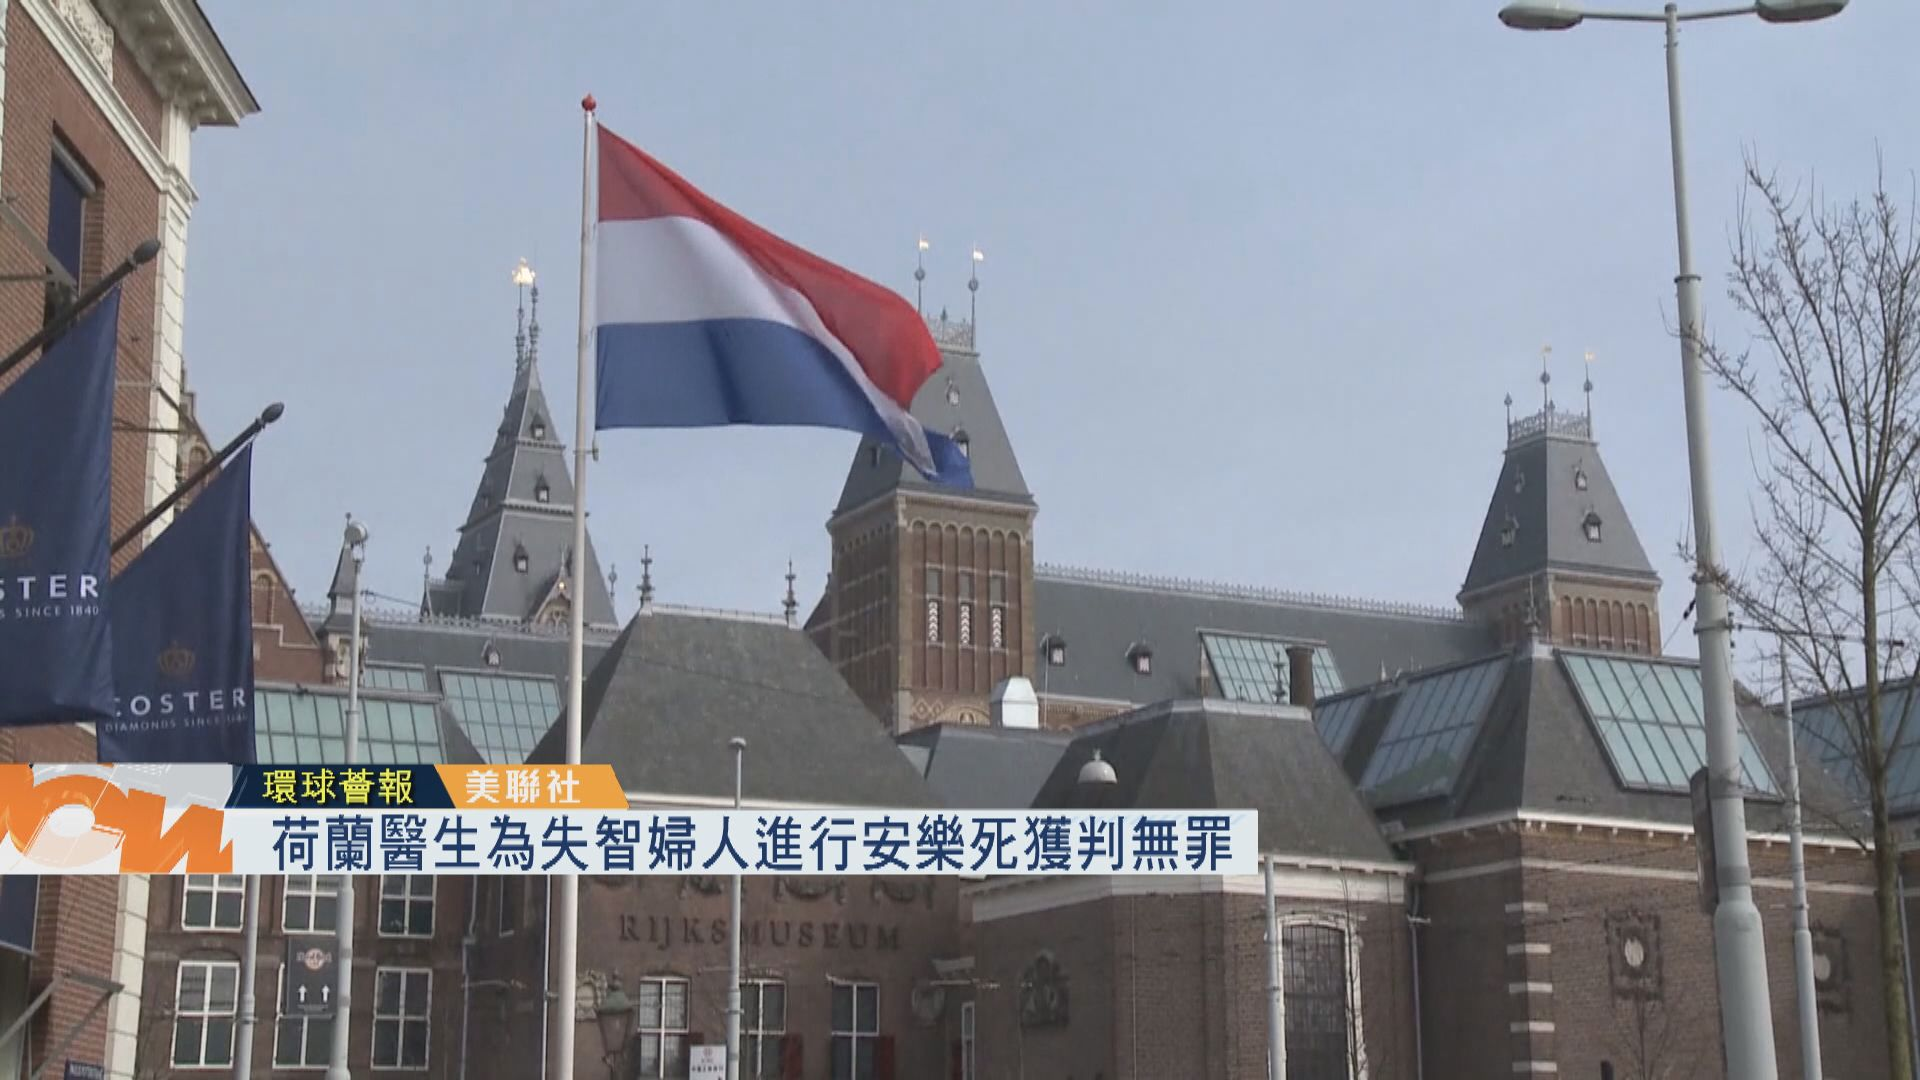 【環球薈報】荷蘭醫生為失智婦人進行安樂死獲判無罪